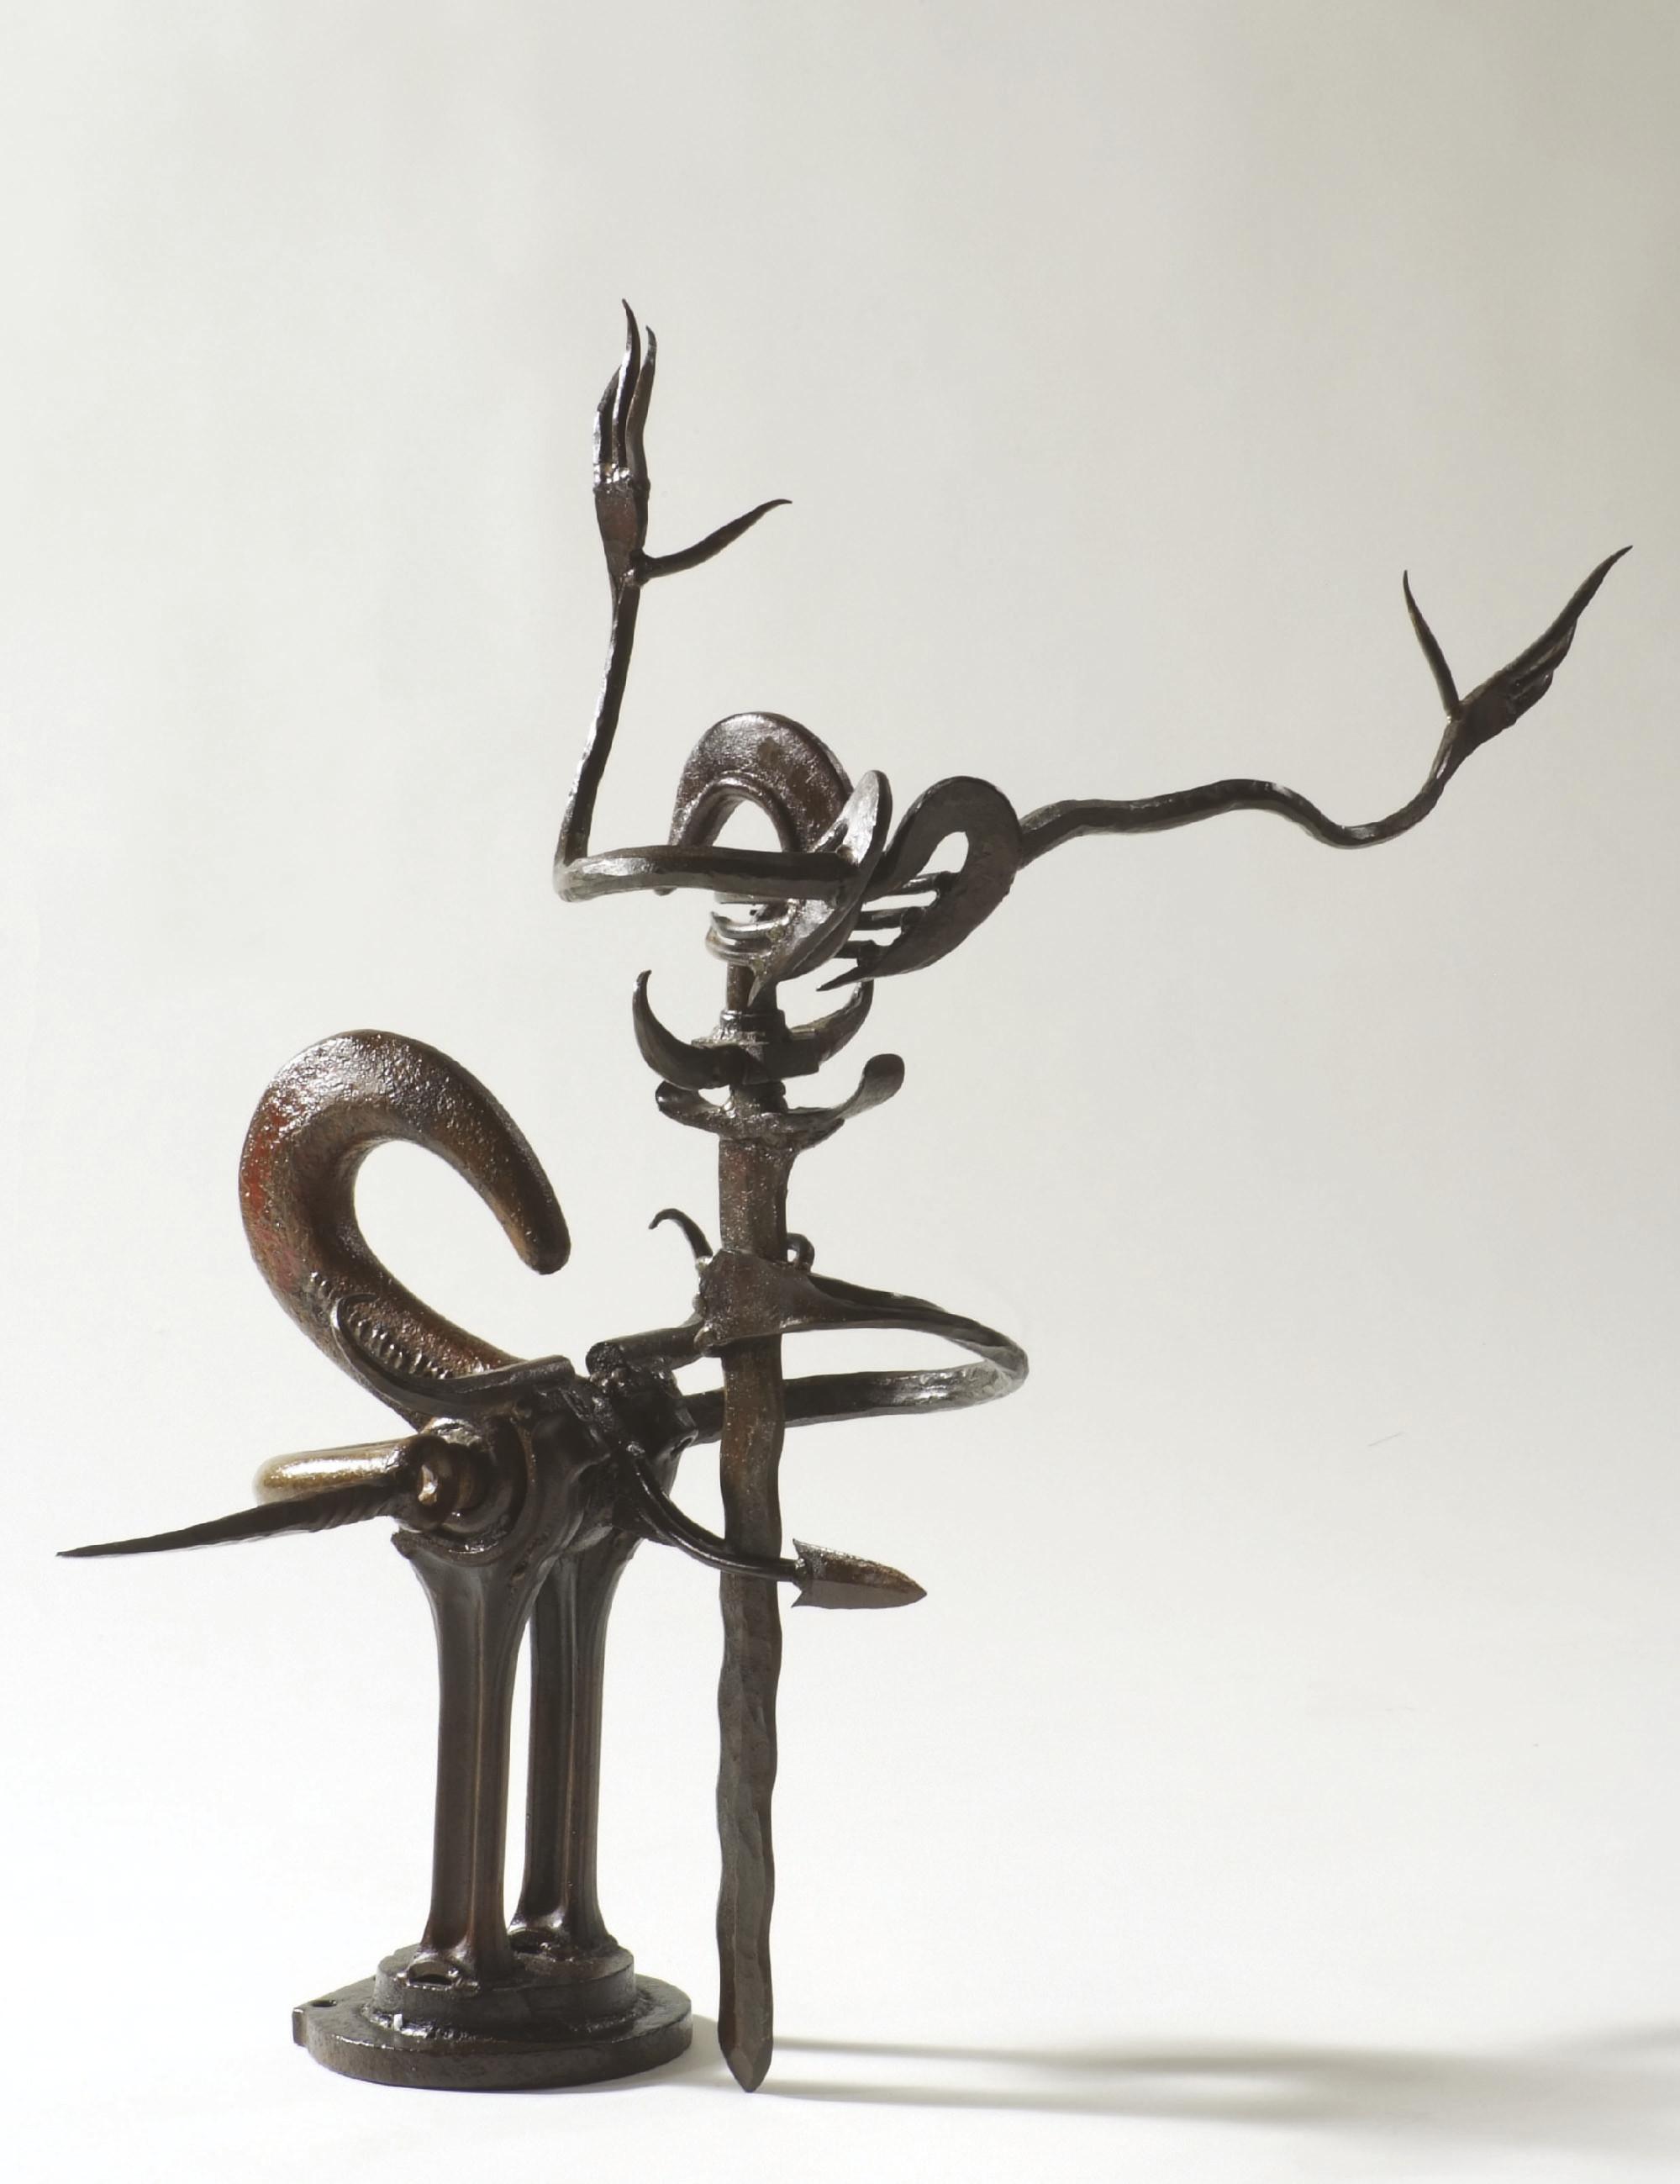 Semangat Besi 32 (The spirit of the iron)